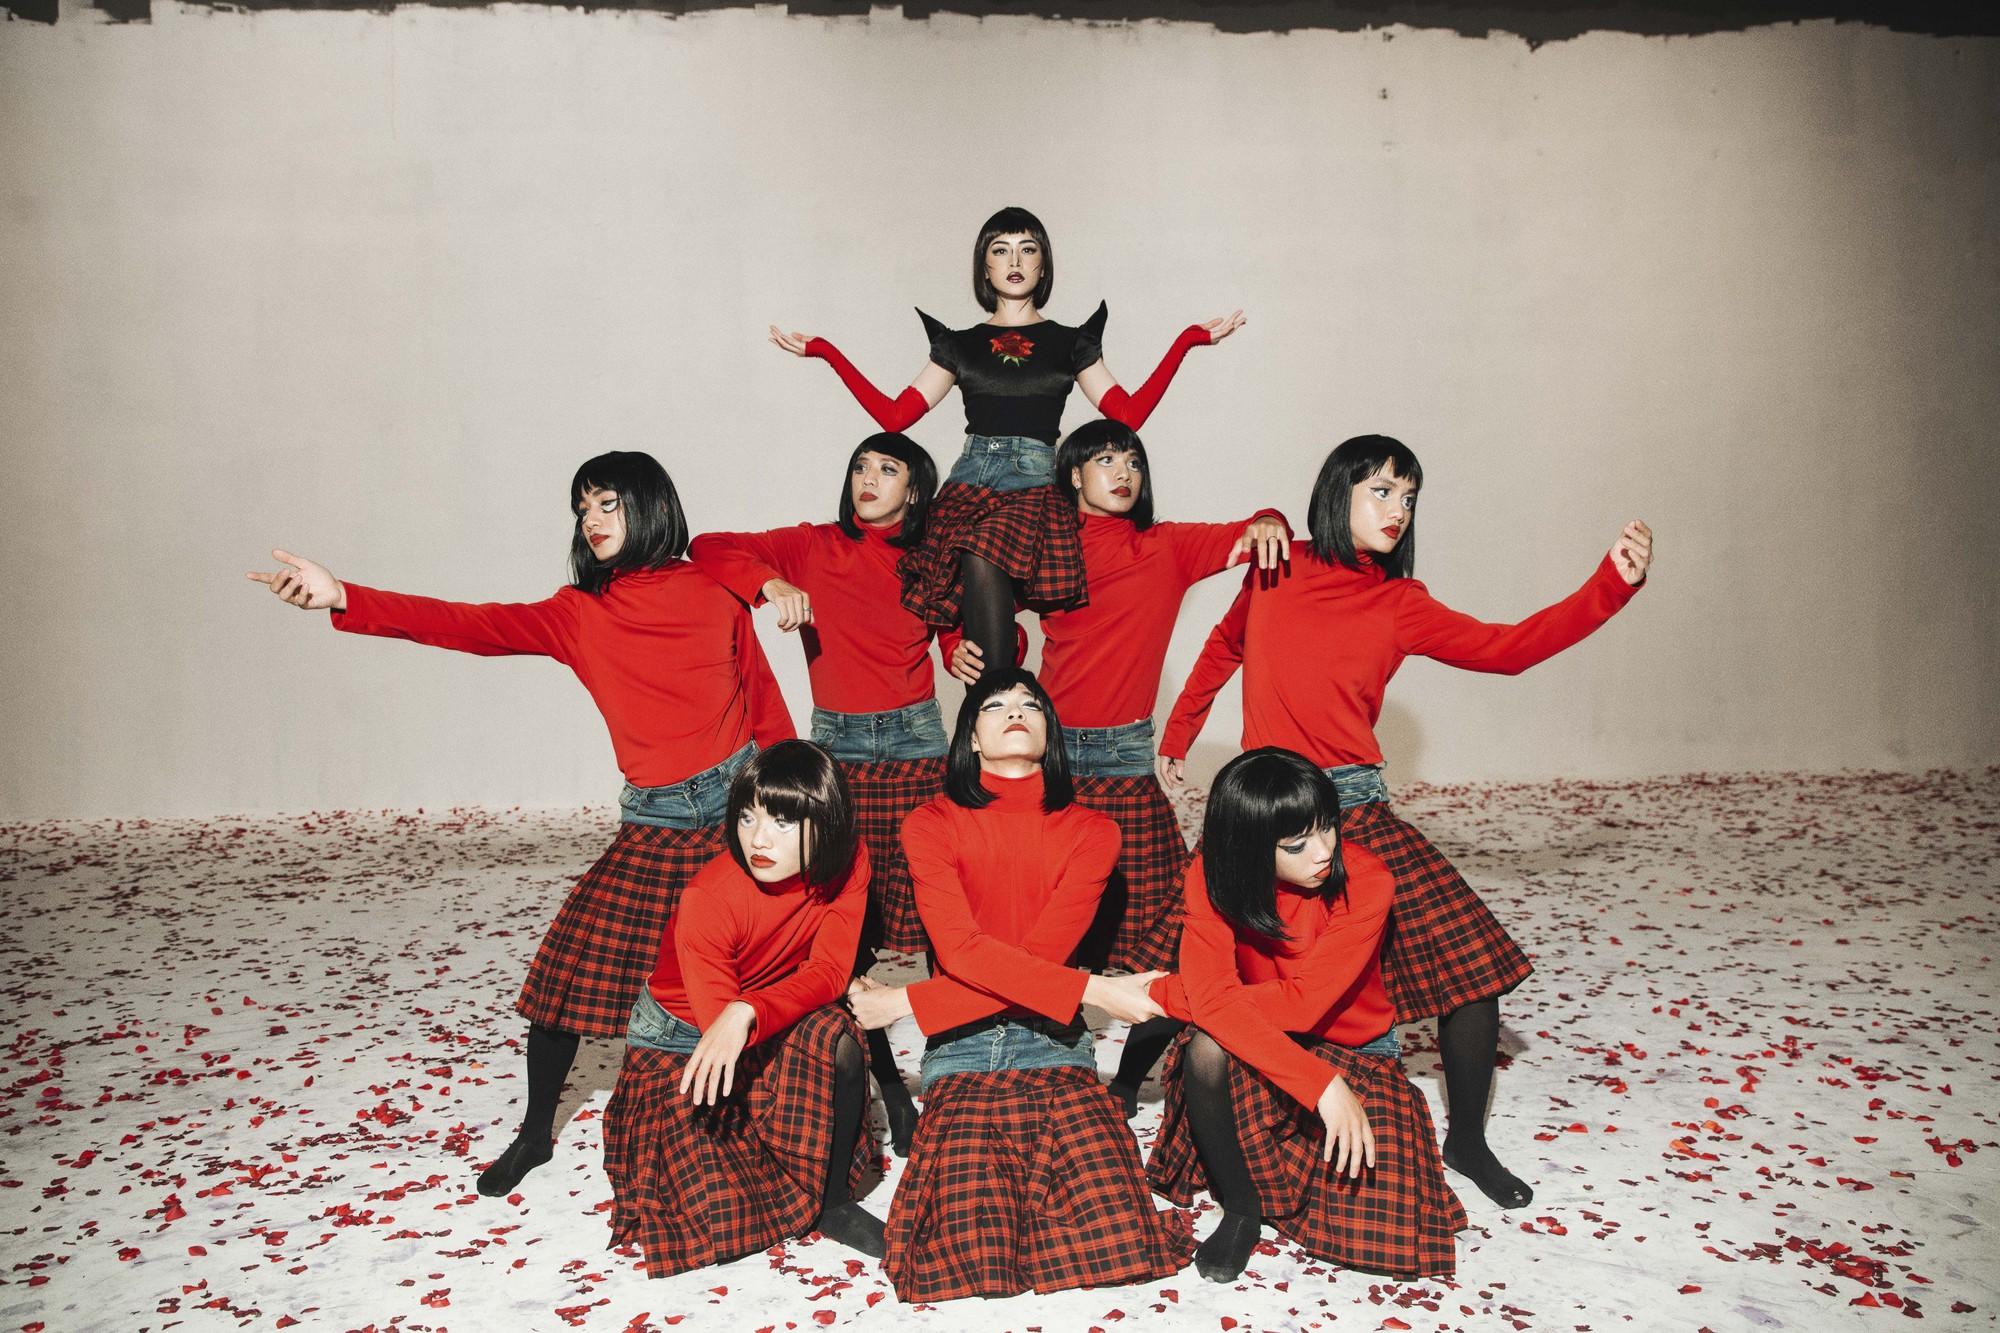 Chi Pu tung MV Dance lạ mắt với vũ đạo độc đáo, thực hiện 2 phiên bản cho sản phẩm trở lại - Ảnh 10.